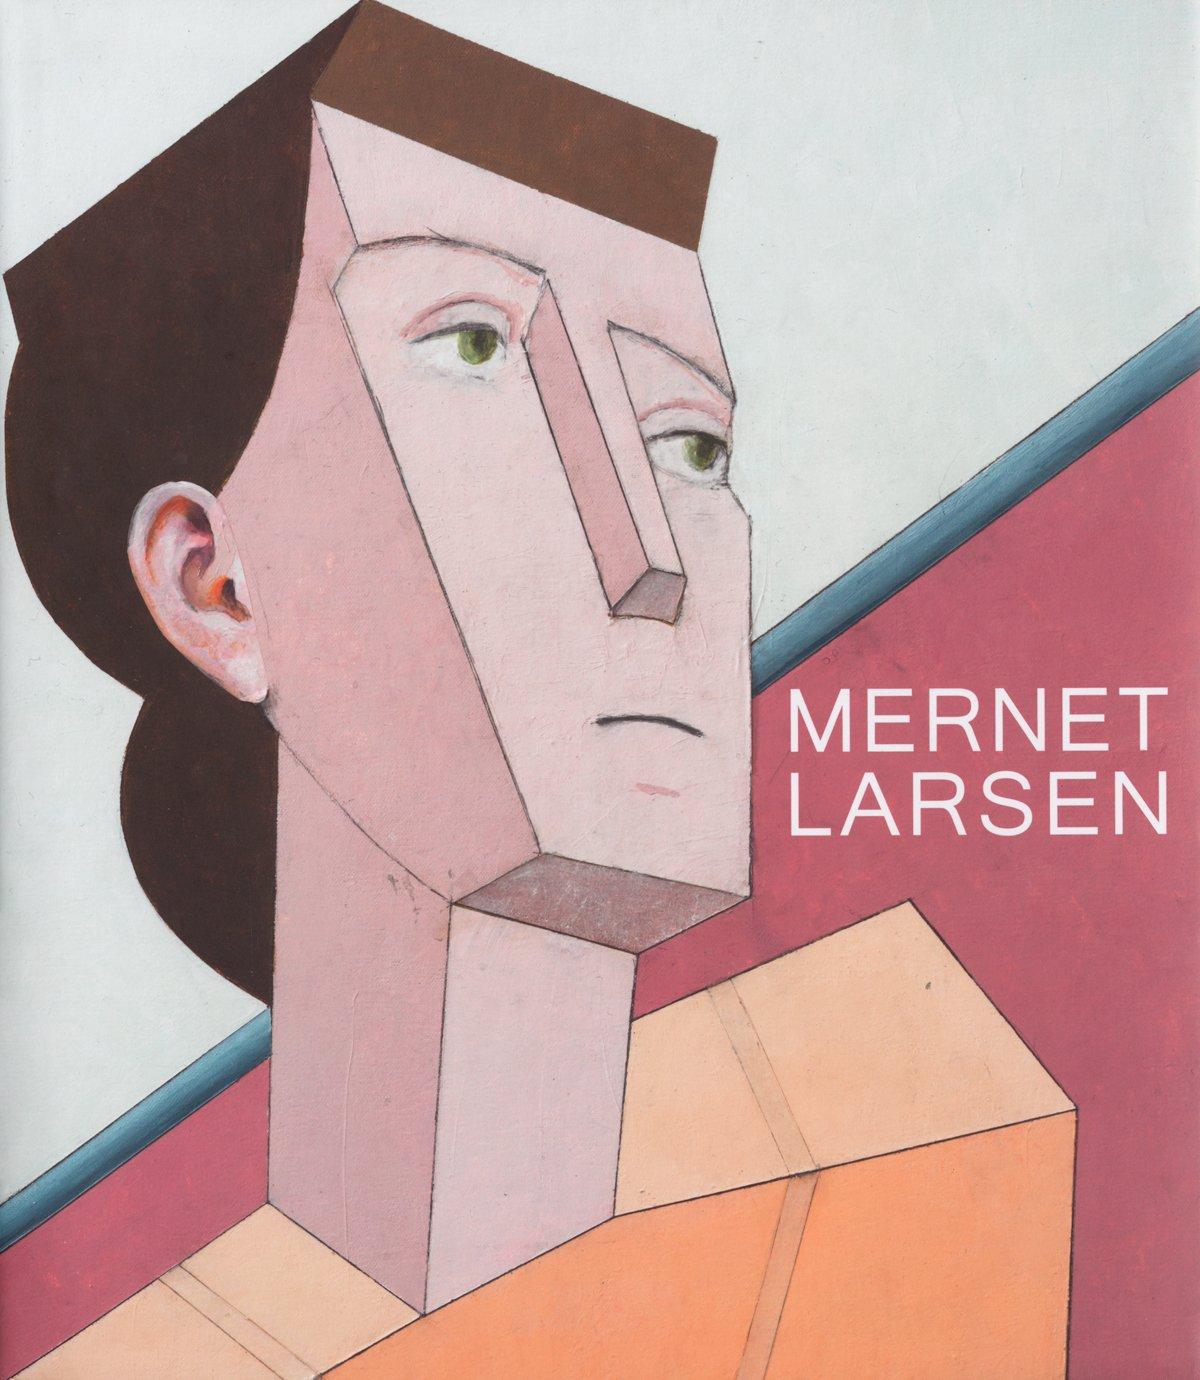 Mernet Larsen pdf